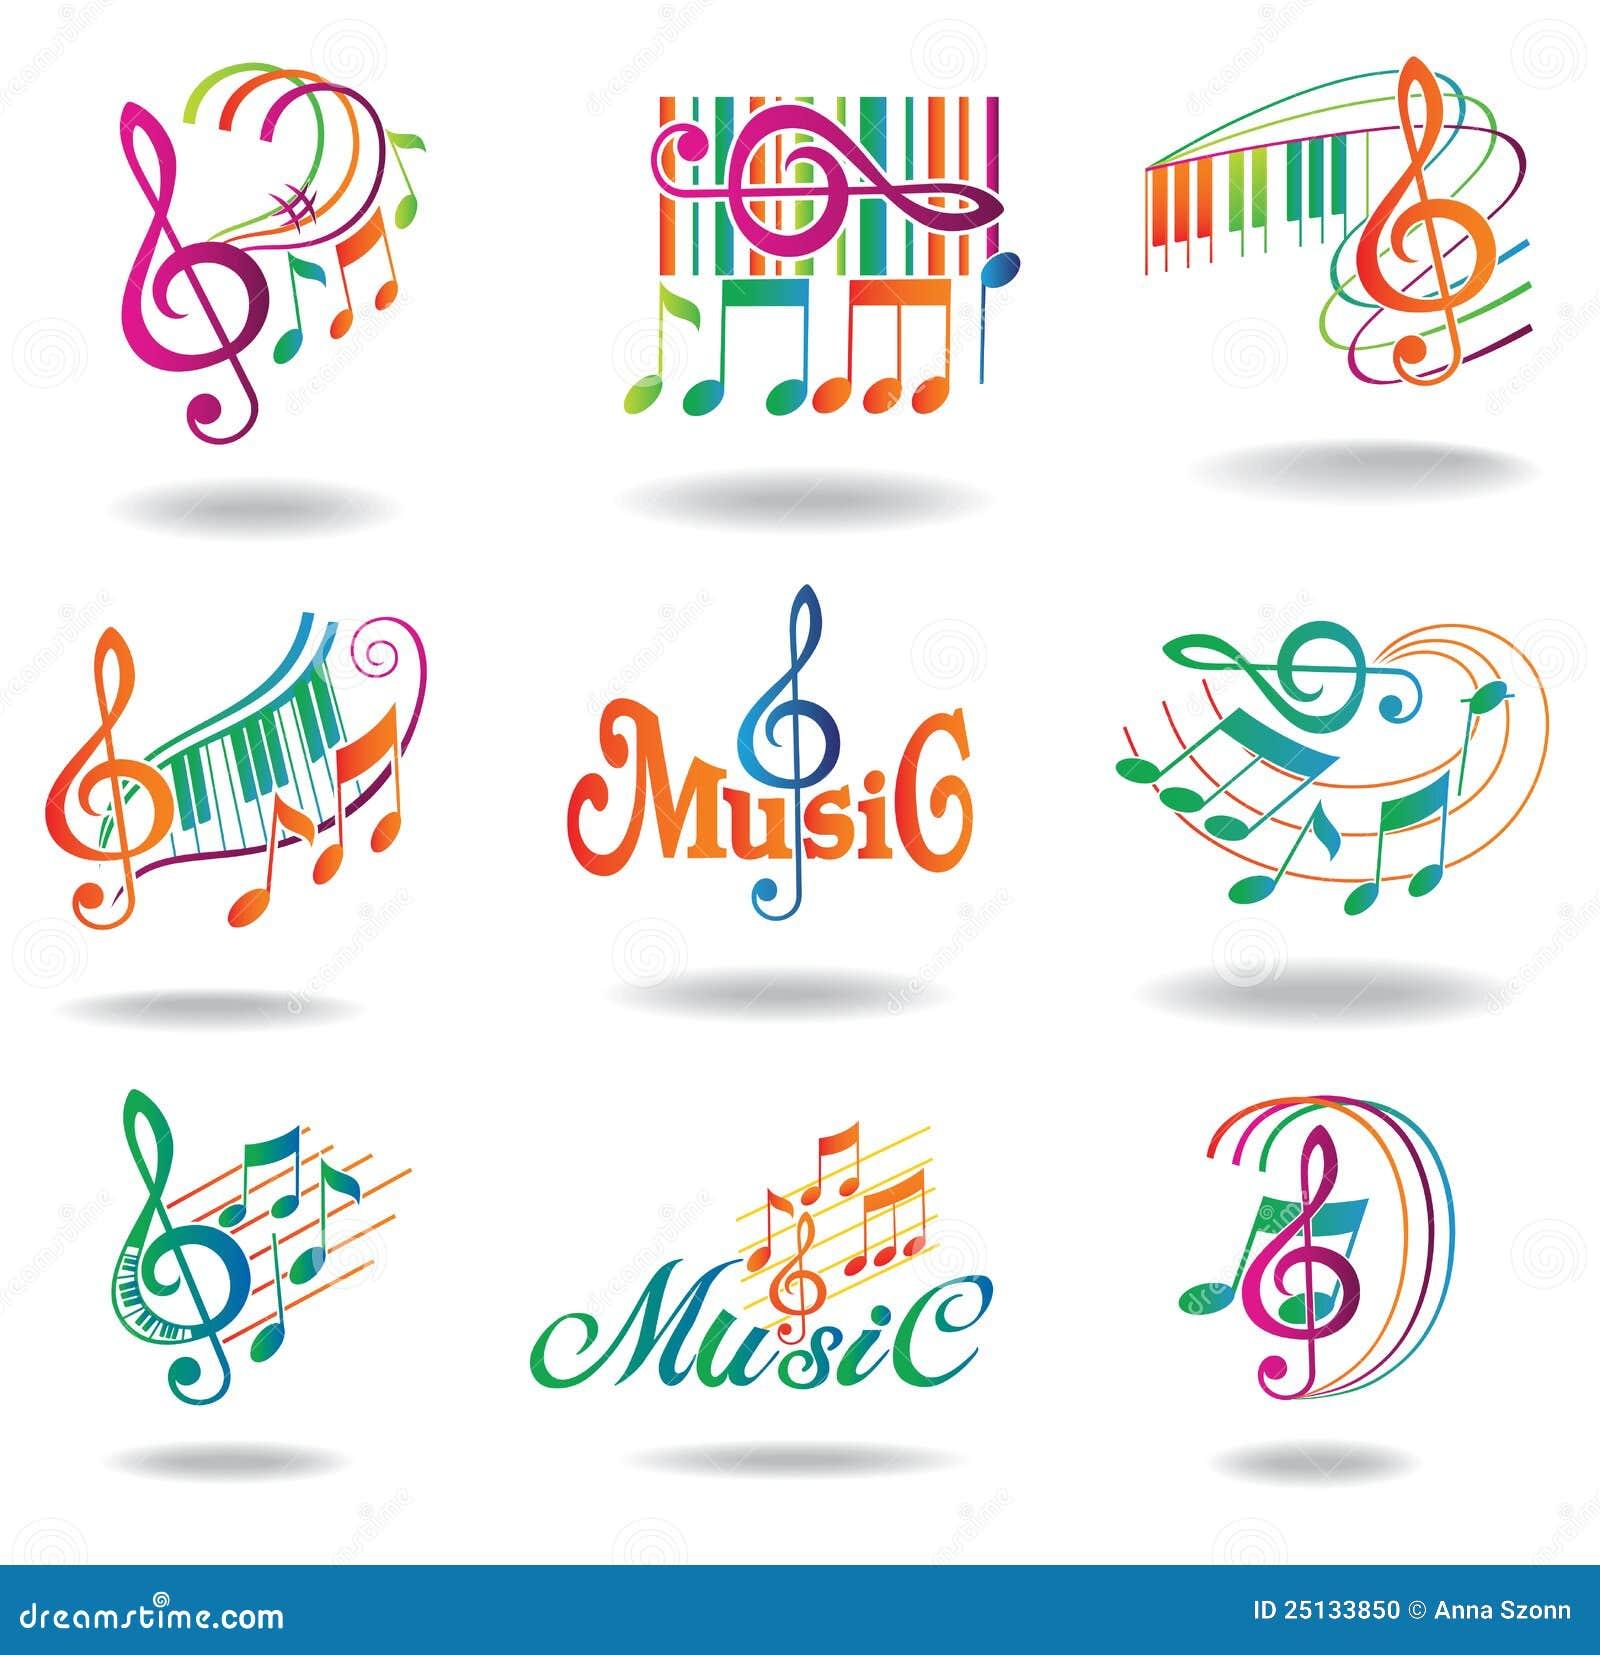 Notas coloridas de la música. Conjunto de elementos del diseño de la música